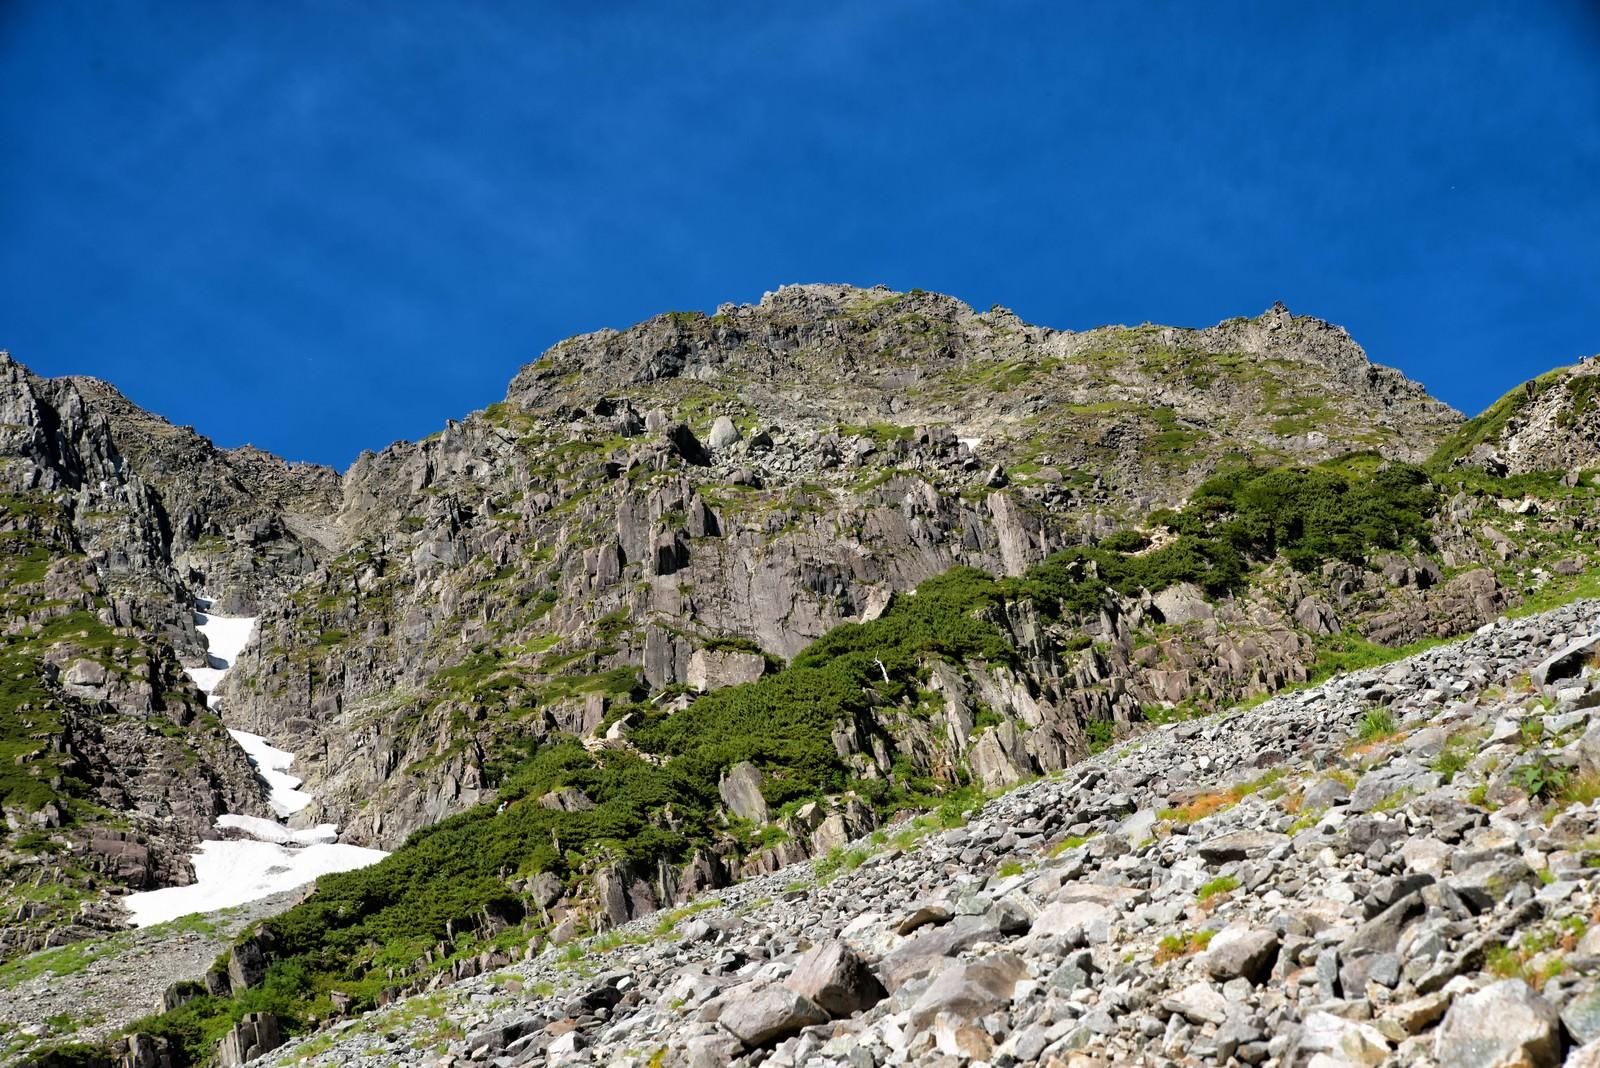 「奥穂高岳に立ちはだかる岩壁」の写真